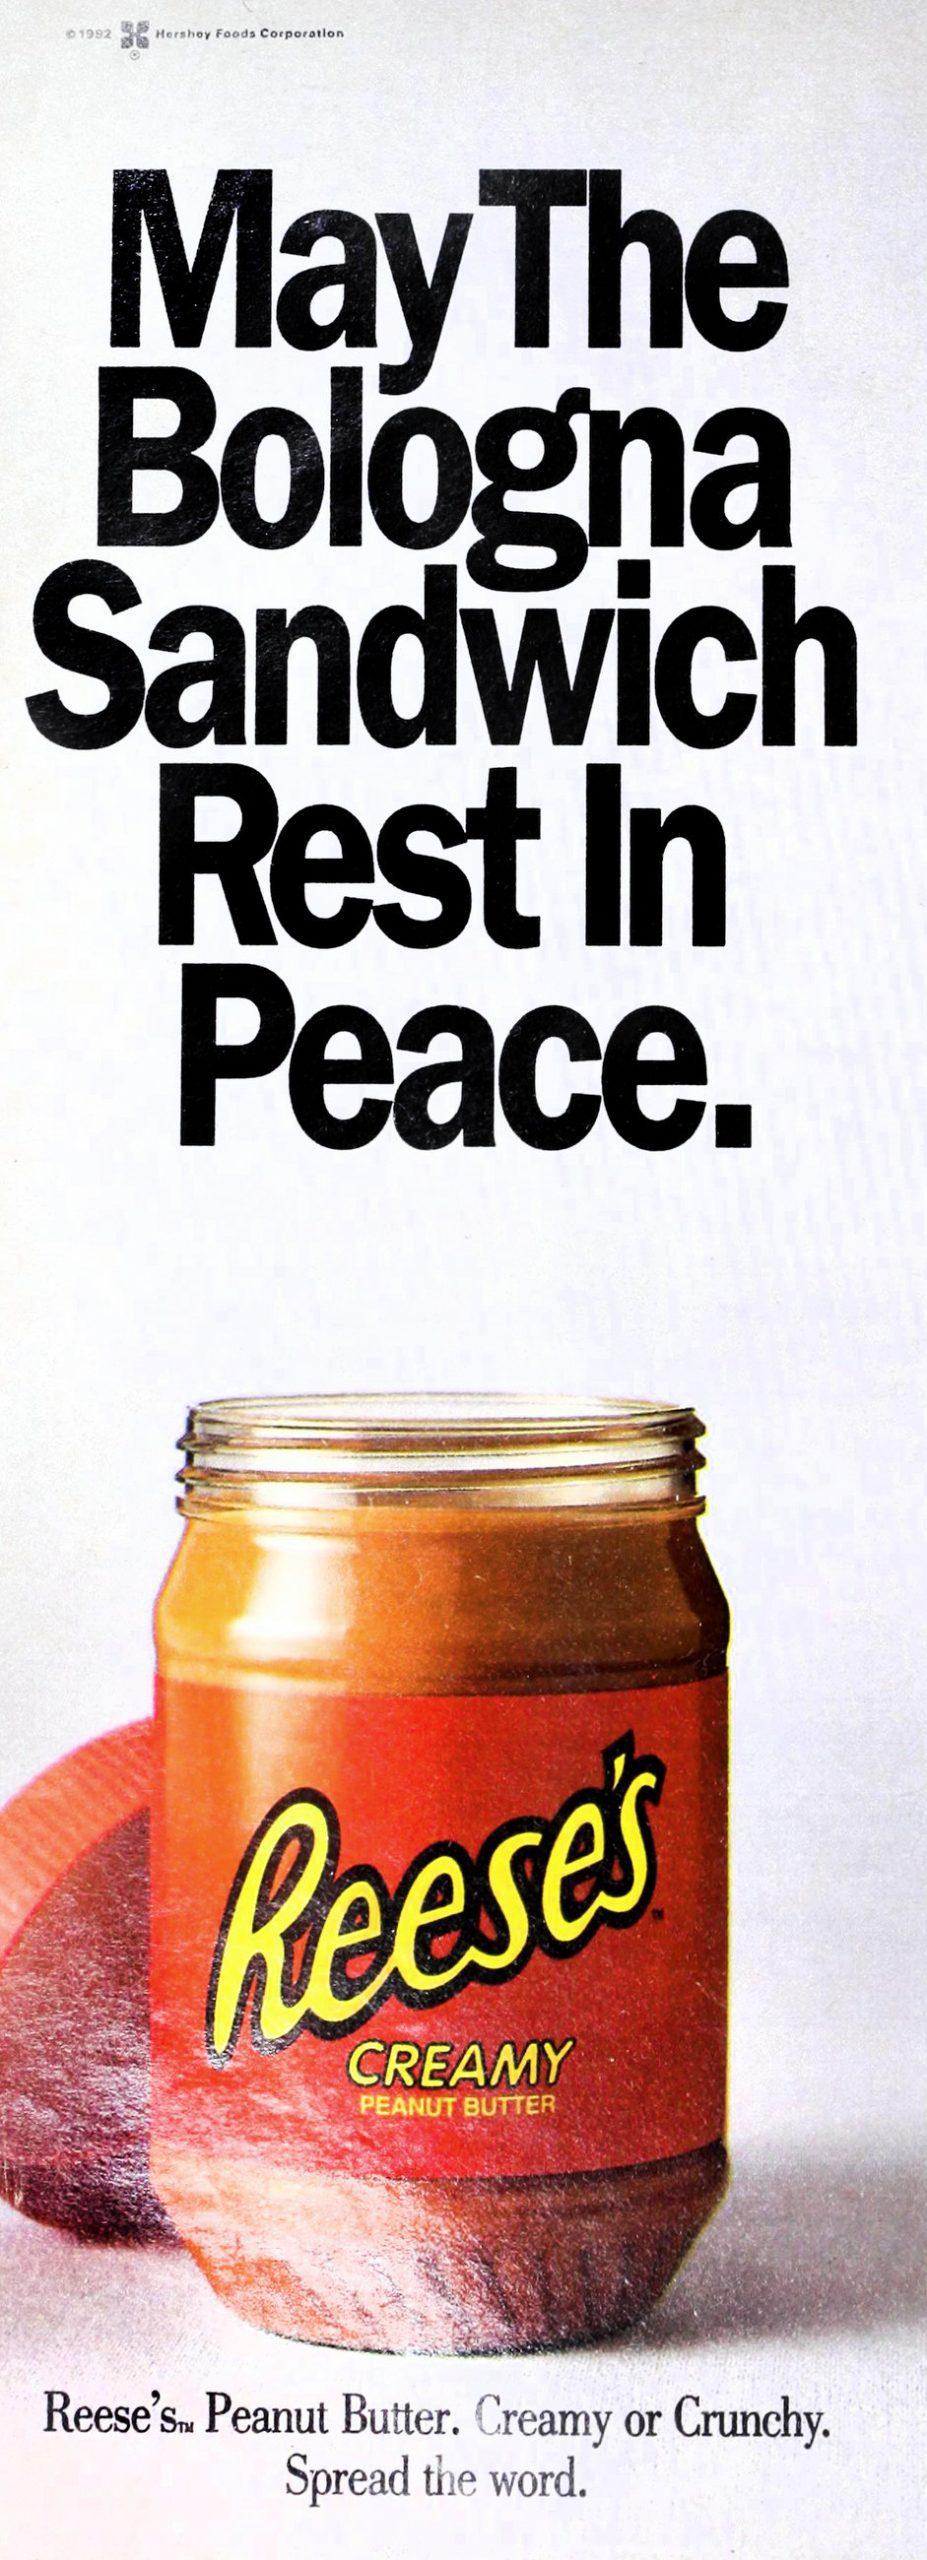 Nineties Reese's creamy peanut butter jar (1992)